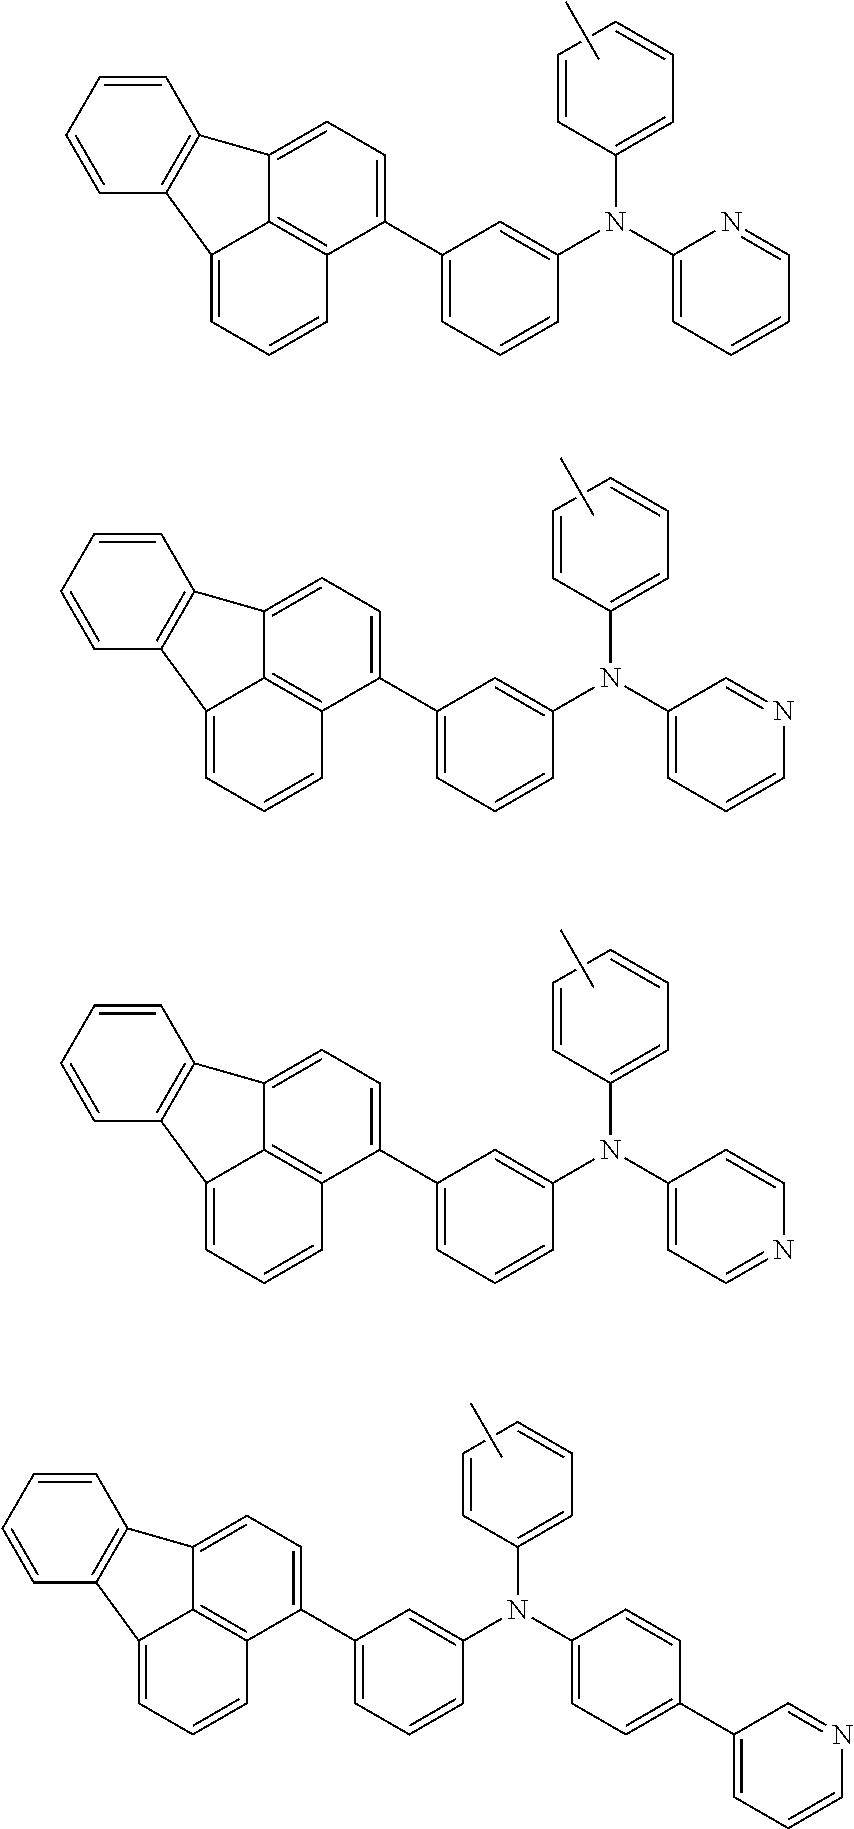 Figure US20150280139A1-20151001-C00034